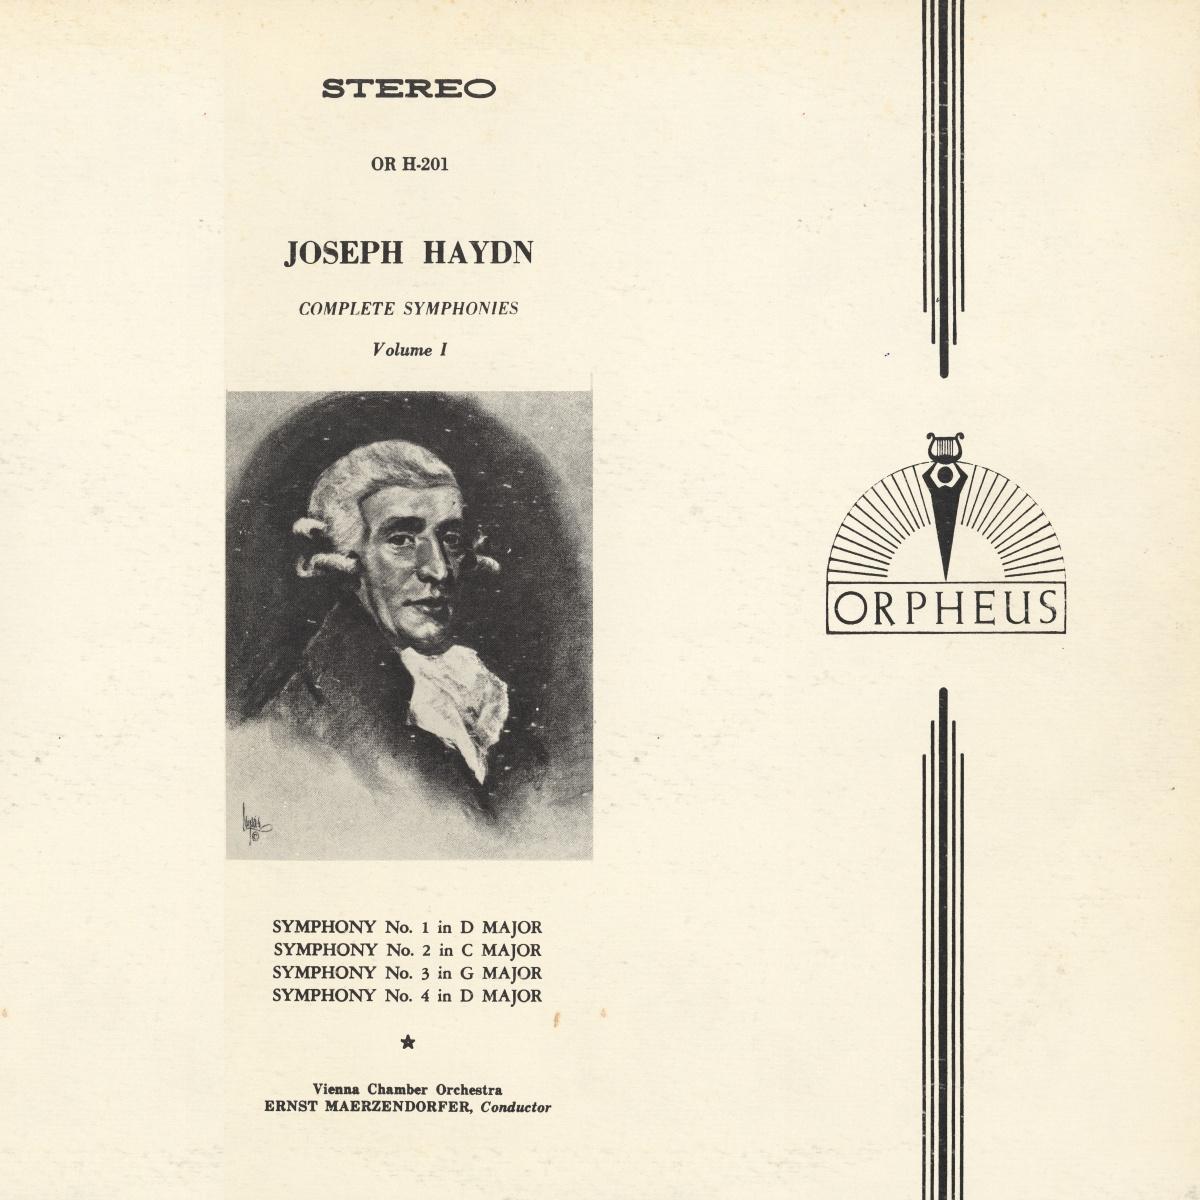 Recto de la pochette du disque MHS Orpheus OR H-101